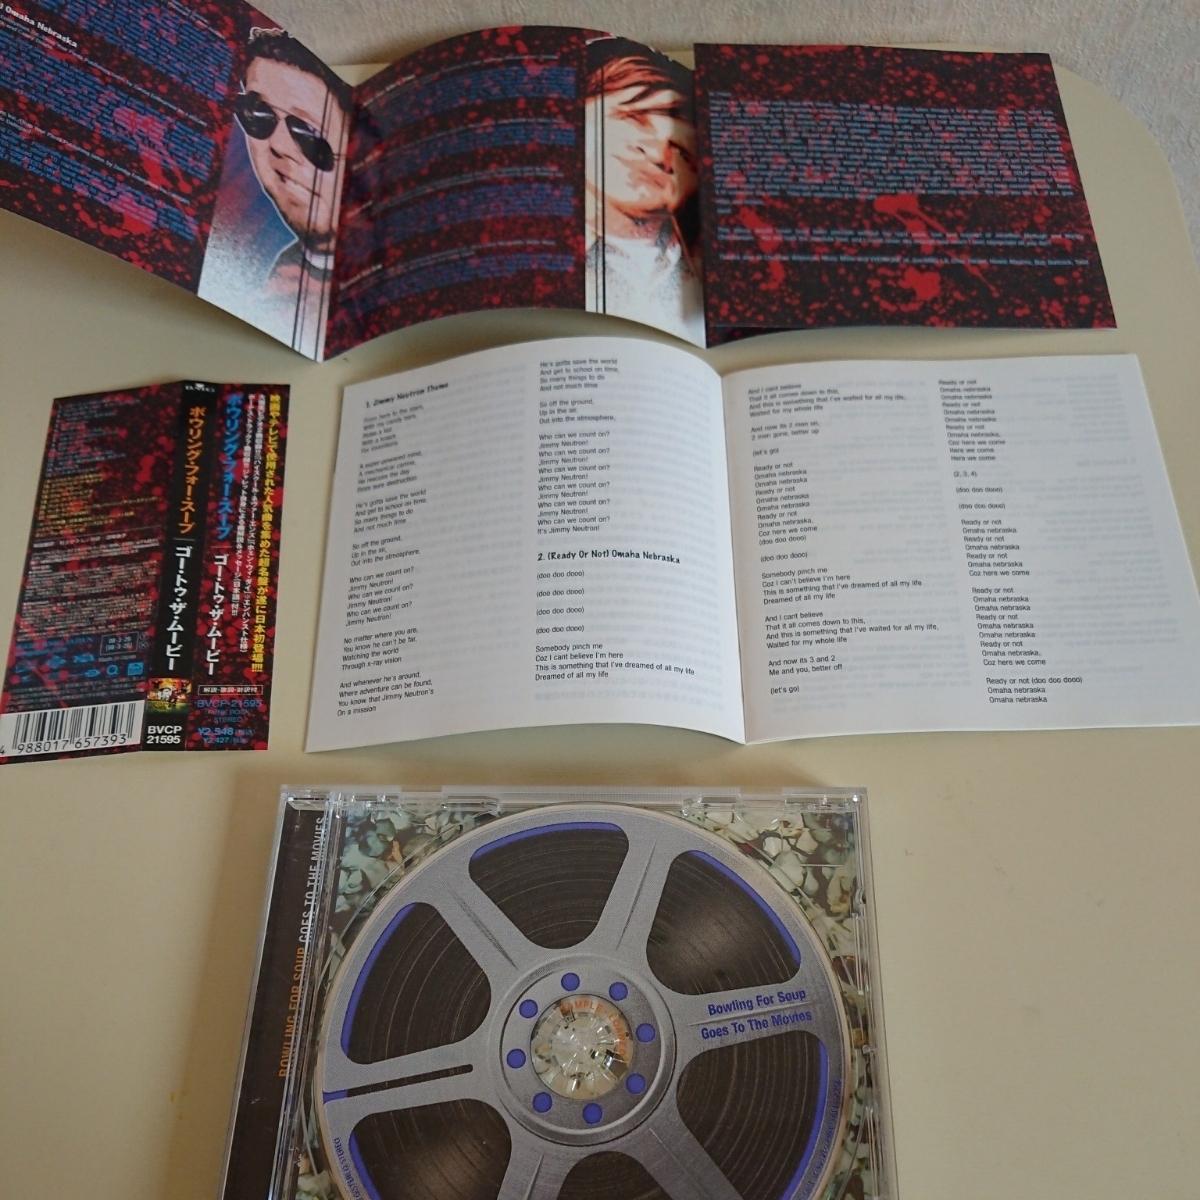 状態良好 CDアルバム「ゴートゥザムービー」ボウリングフォースープ ボーナストラック映像収録 日本盤 解説歌詞対訳_画像3